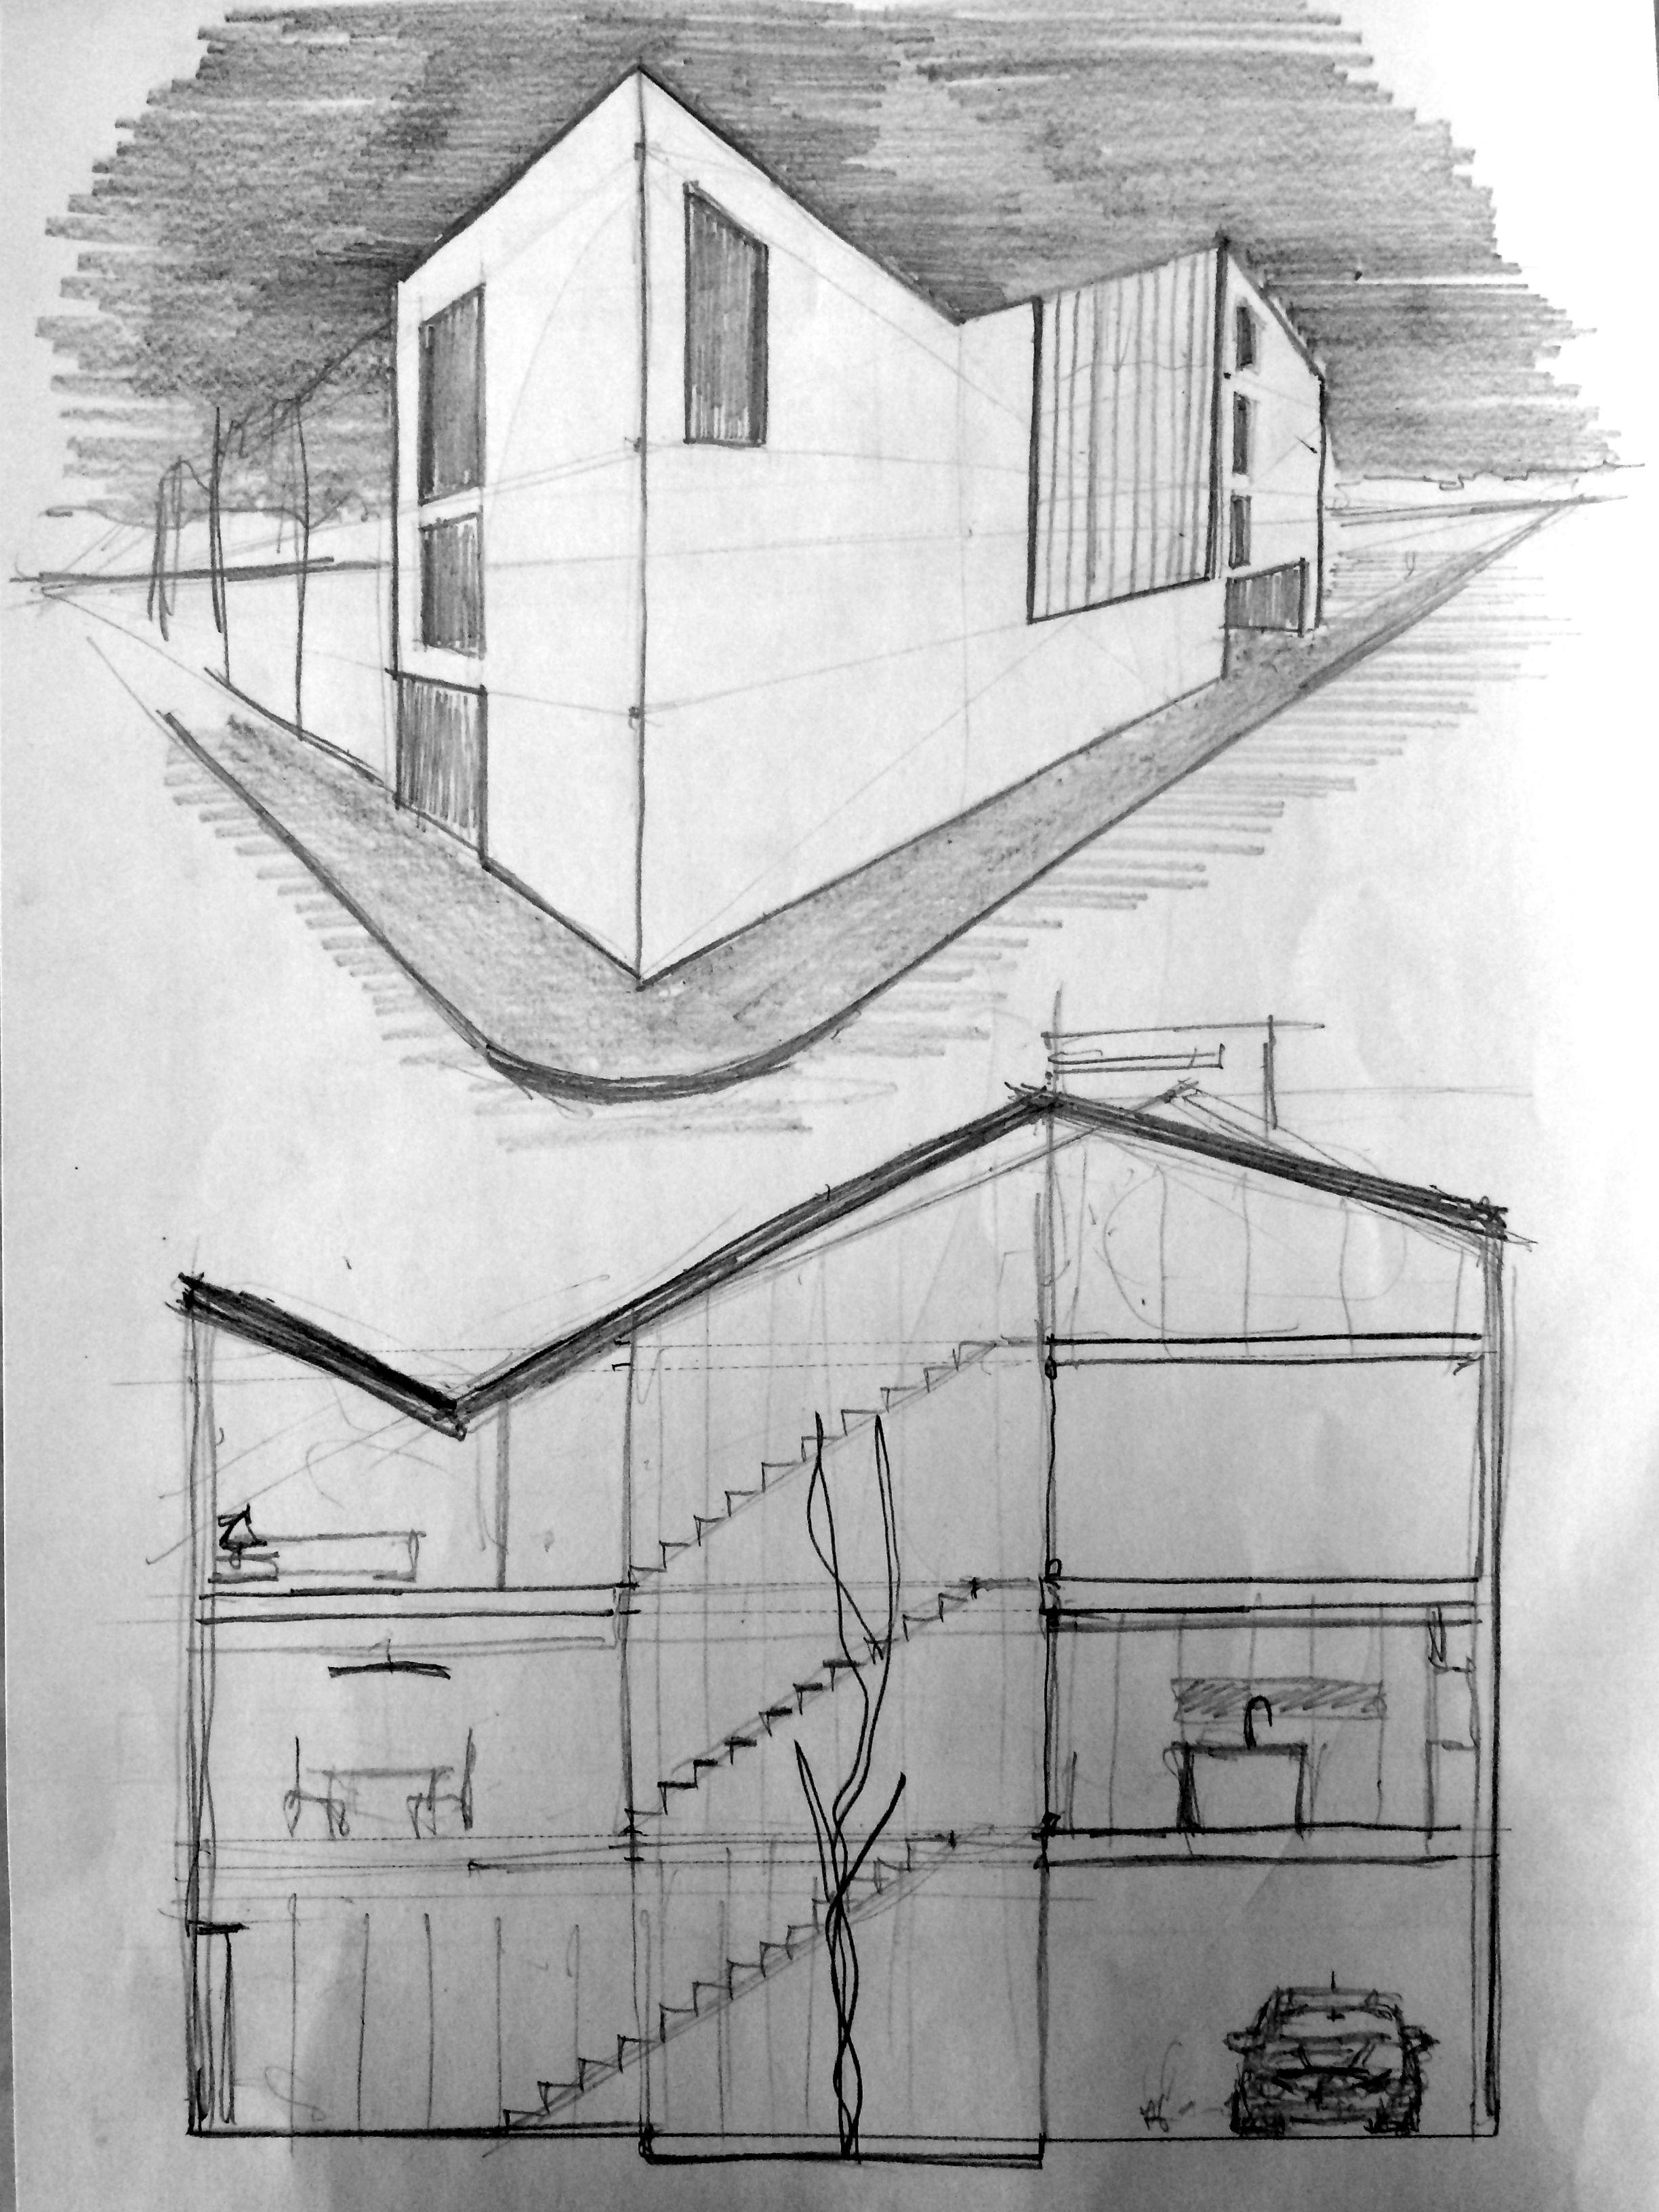 Bocetos de arquitectura dibujo a l piz alzados bocetos - Alzado arquitectura ...